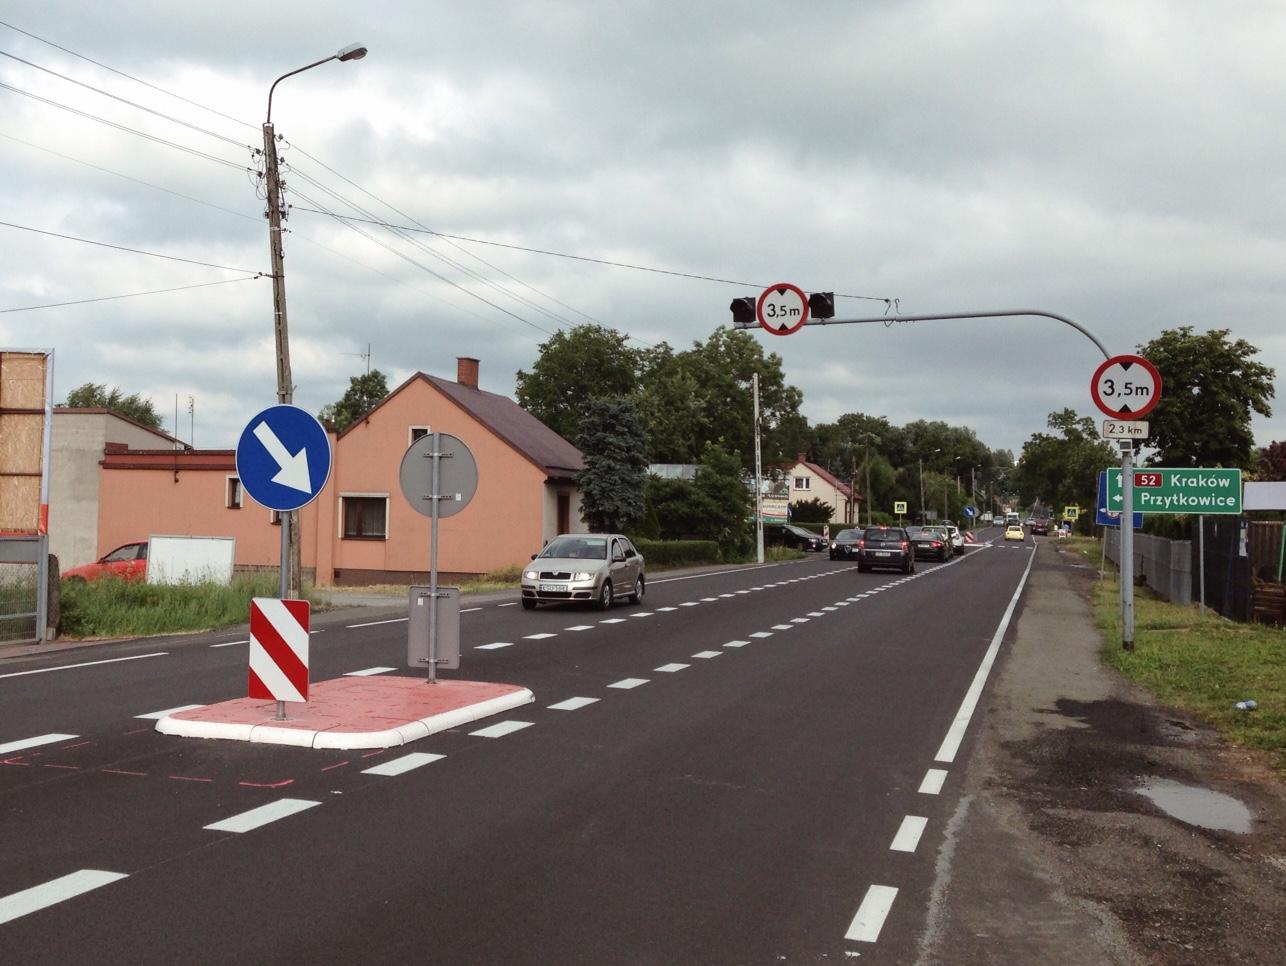 Lewoskręt na ul. Wałową już udrożnił ruch, a niebawem całe skrzyżowanie zostanie przebudowane.